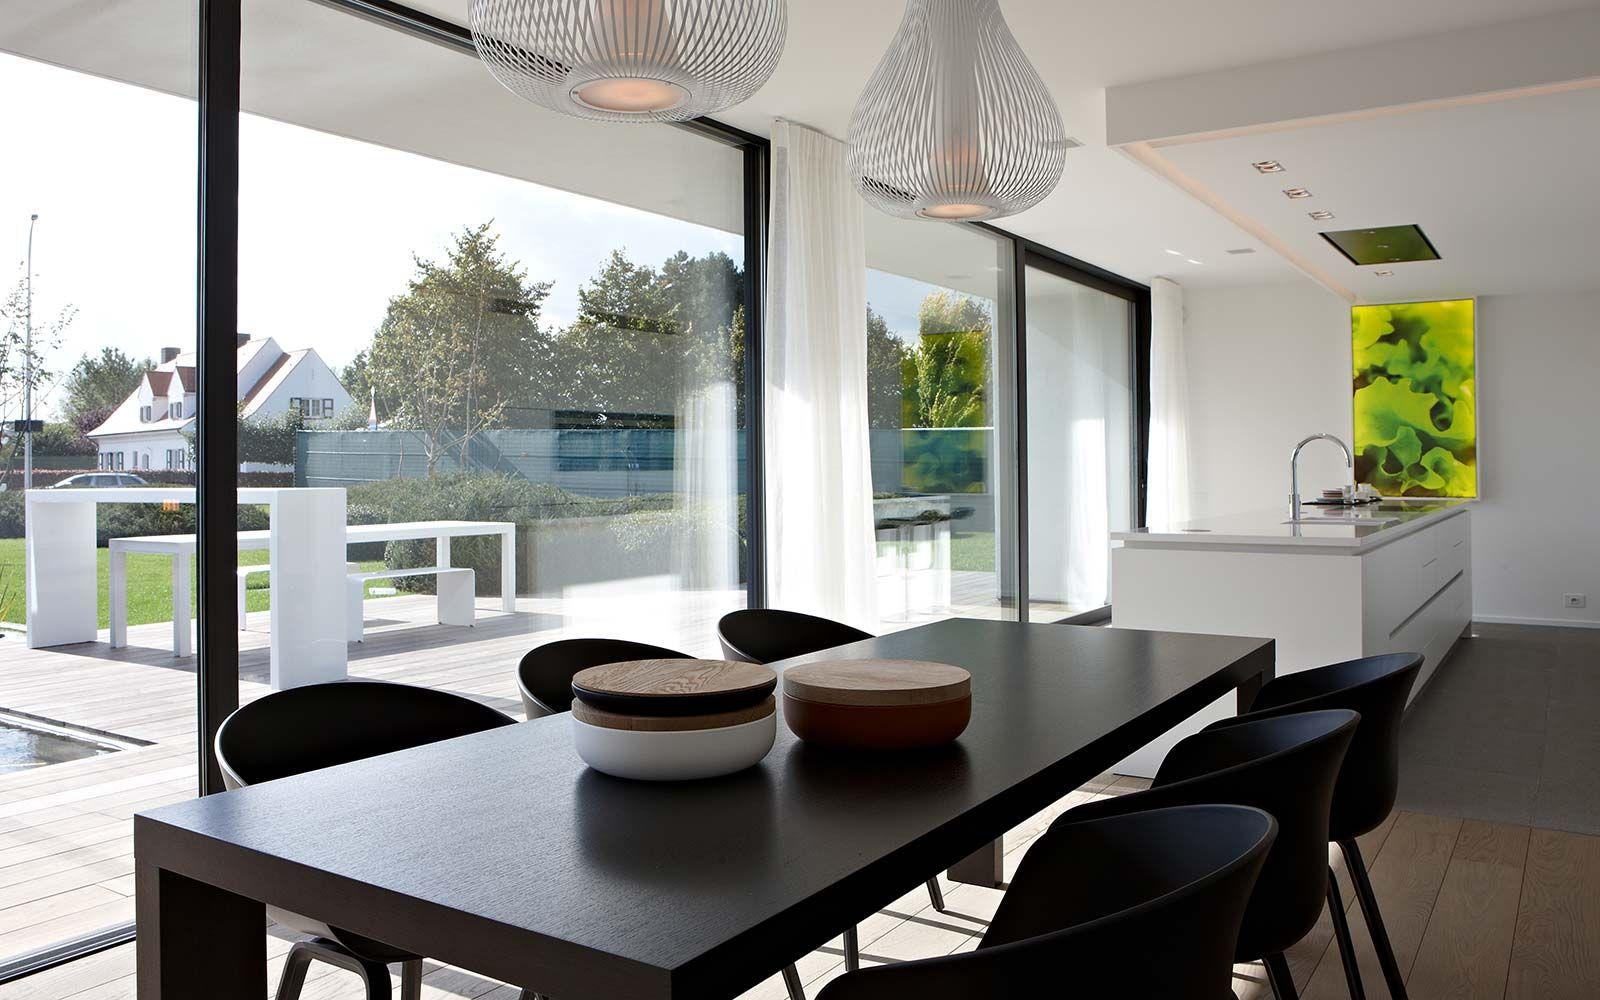 minimalistische woonkamer   Google zoeken   Kitchen   Pinterest   House